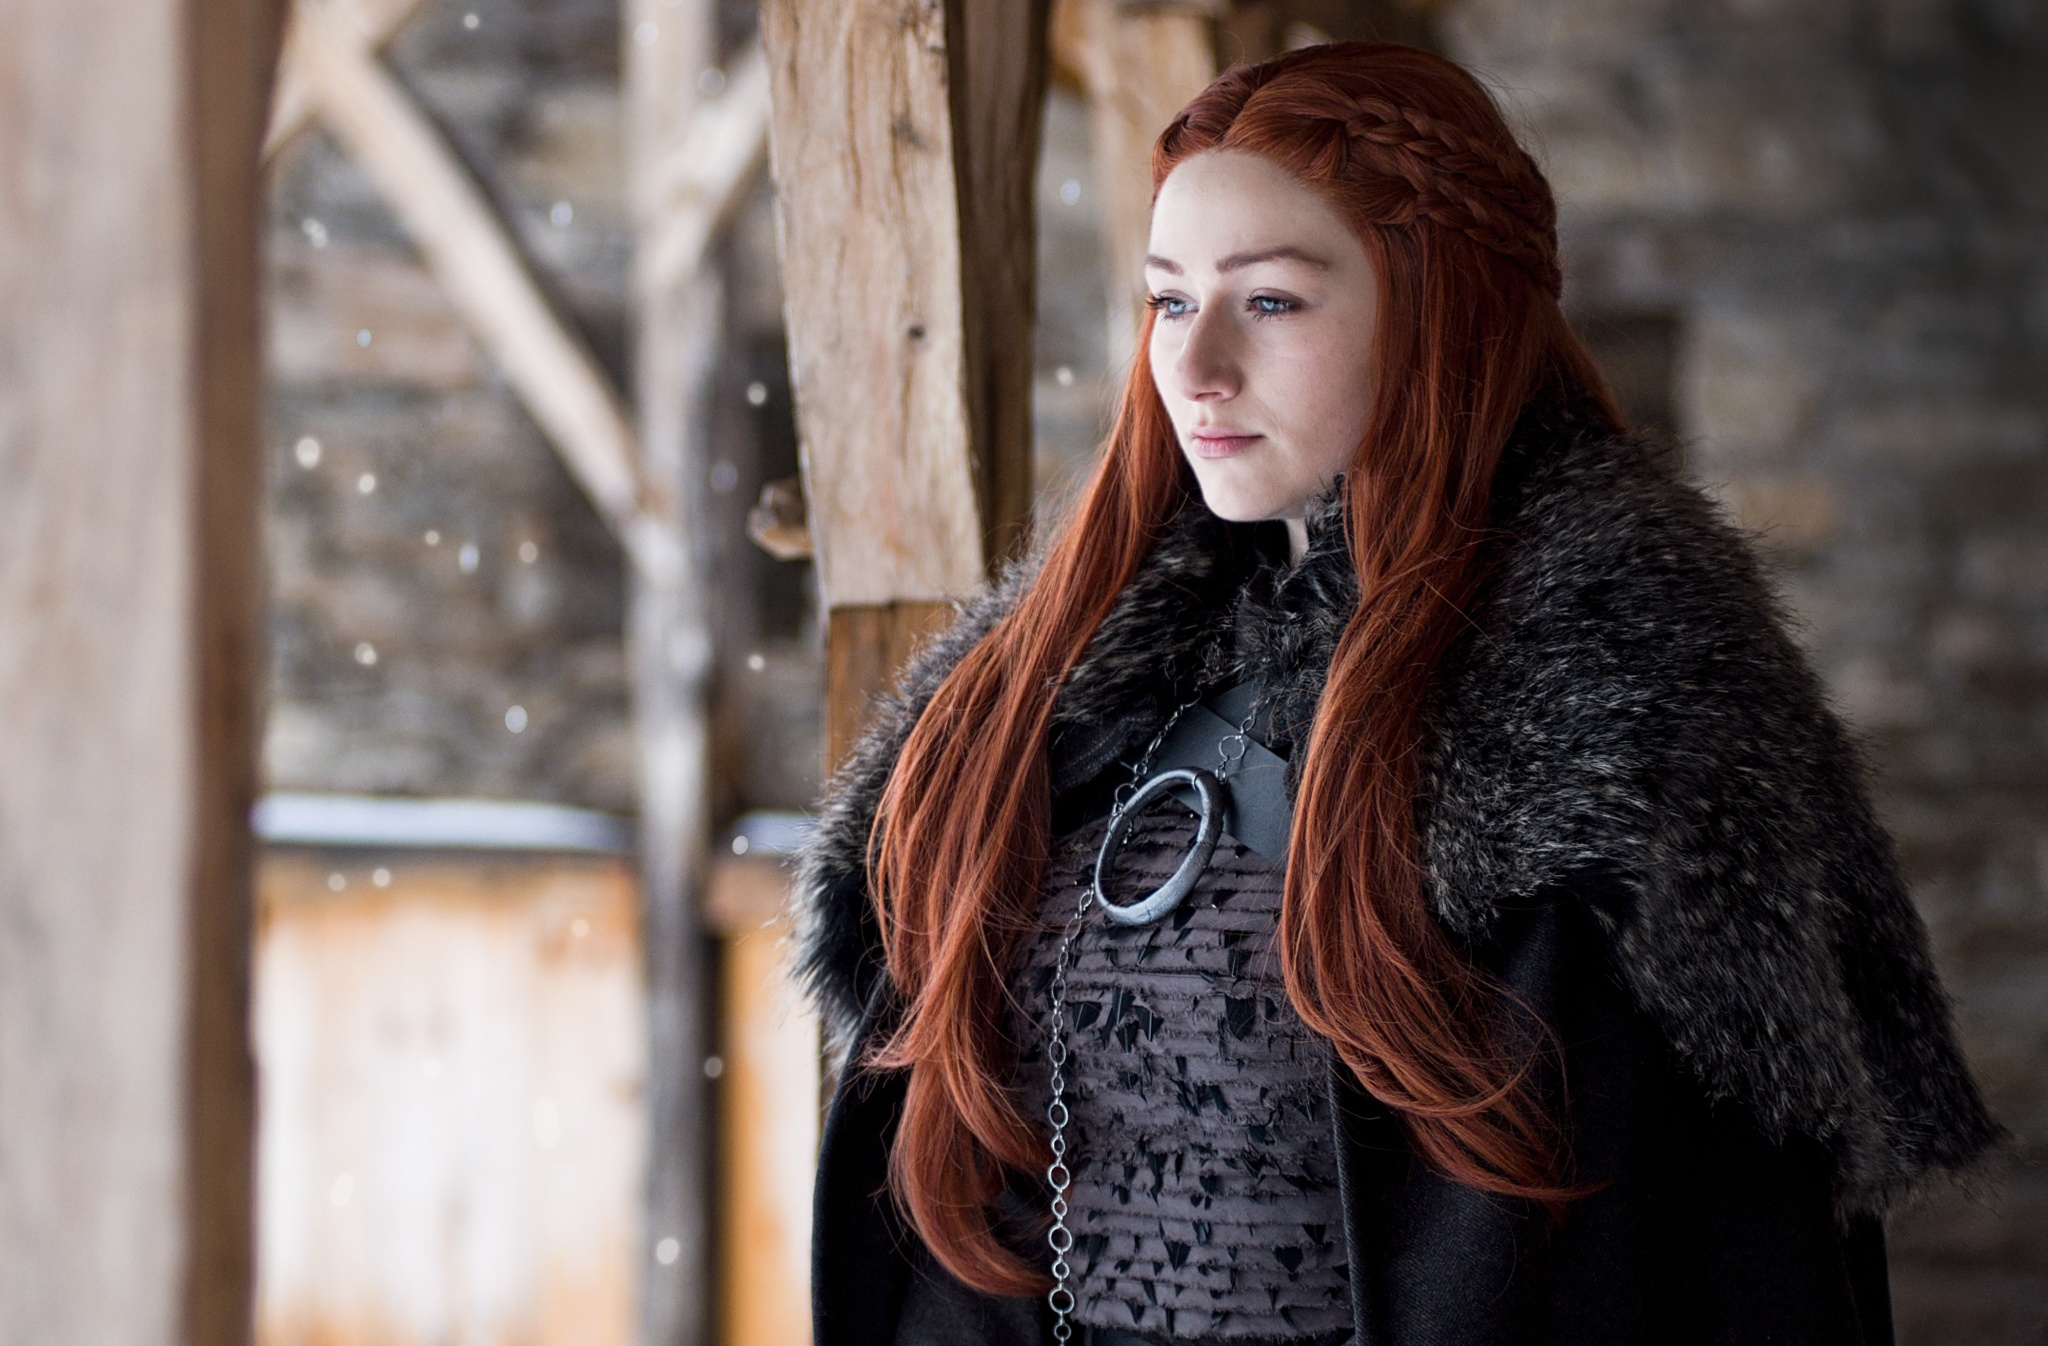 Jak fotit cosplay: základem je dobrý kostým, příprava a inspirace - Sansa Stark